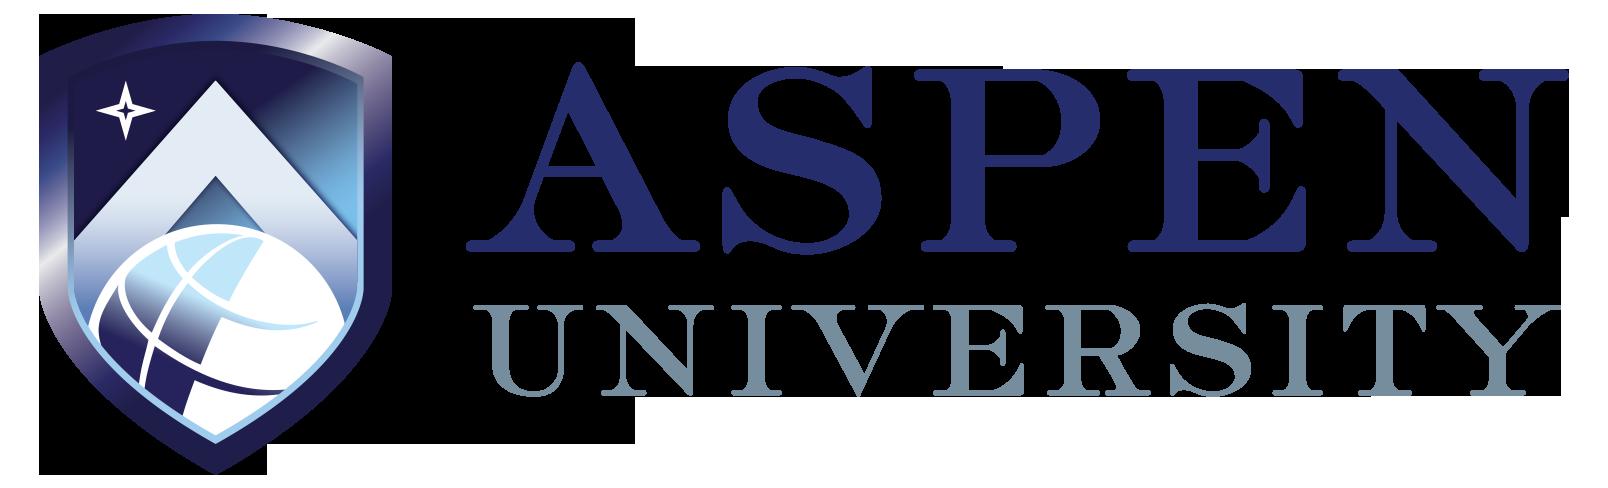 Earn Your Degree Online at Aspen University